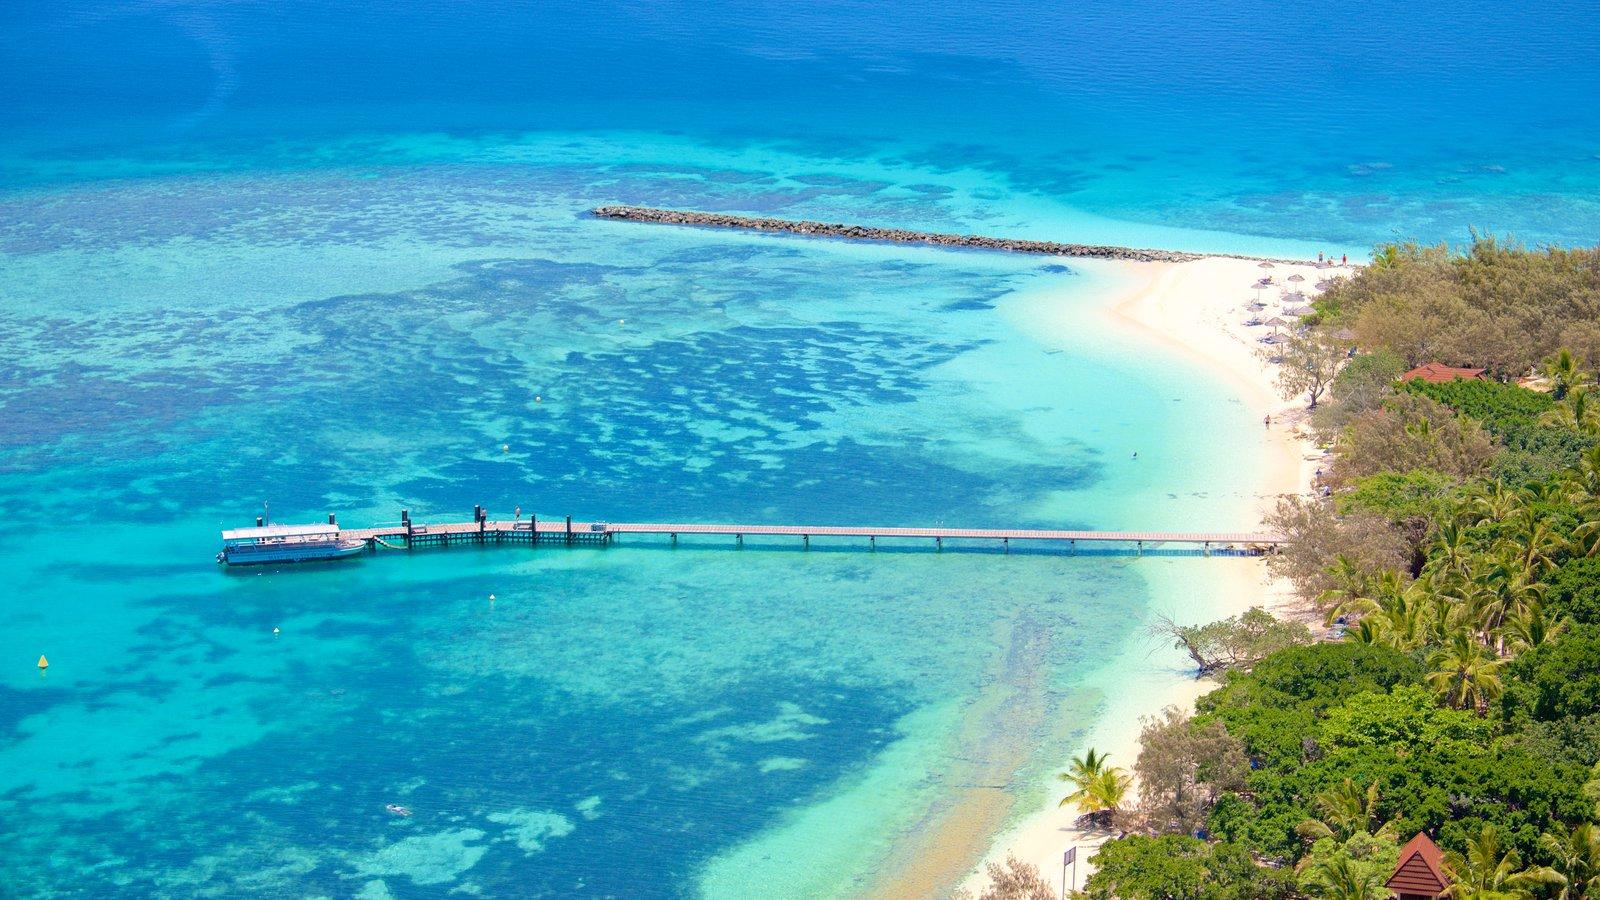 Nova Caledônia que inclui recifes coloridos e uma praia de areia